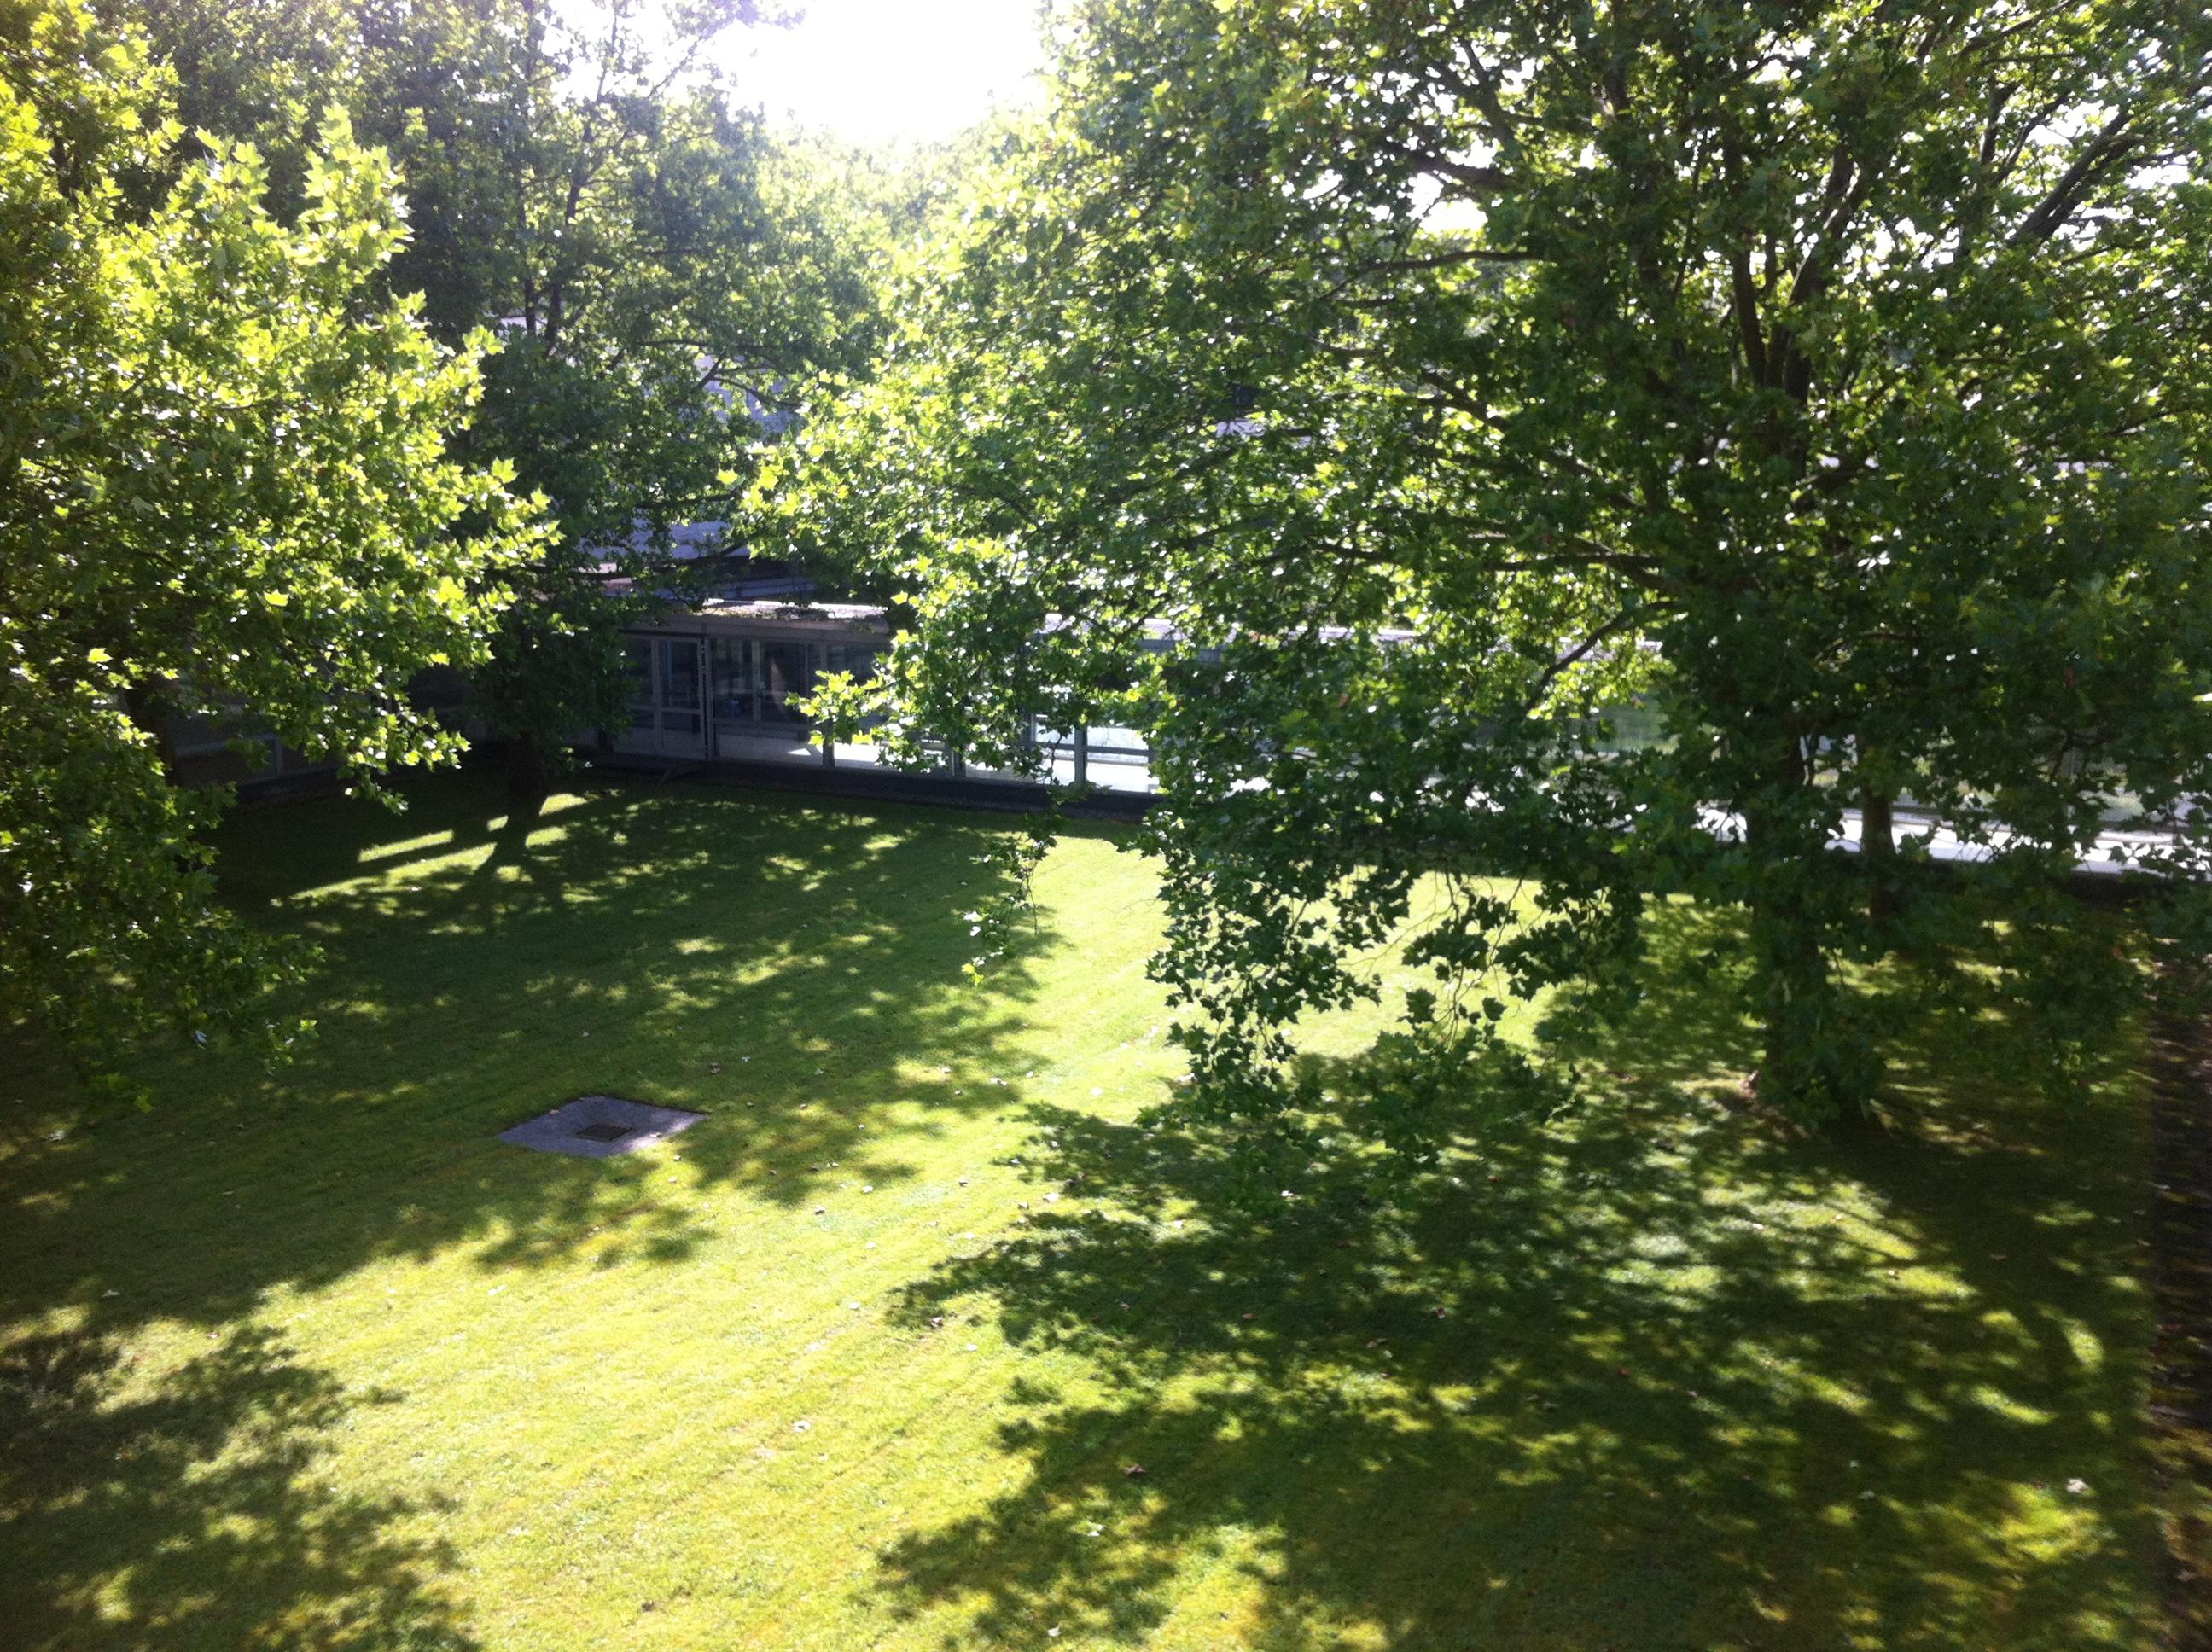 Blick aus dem Fenster: Schön grün ist es hier